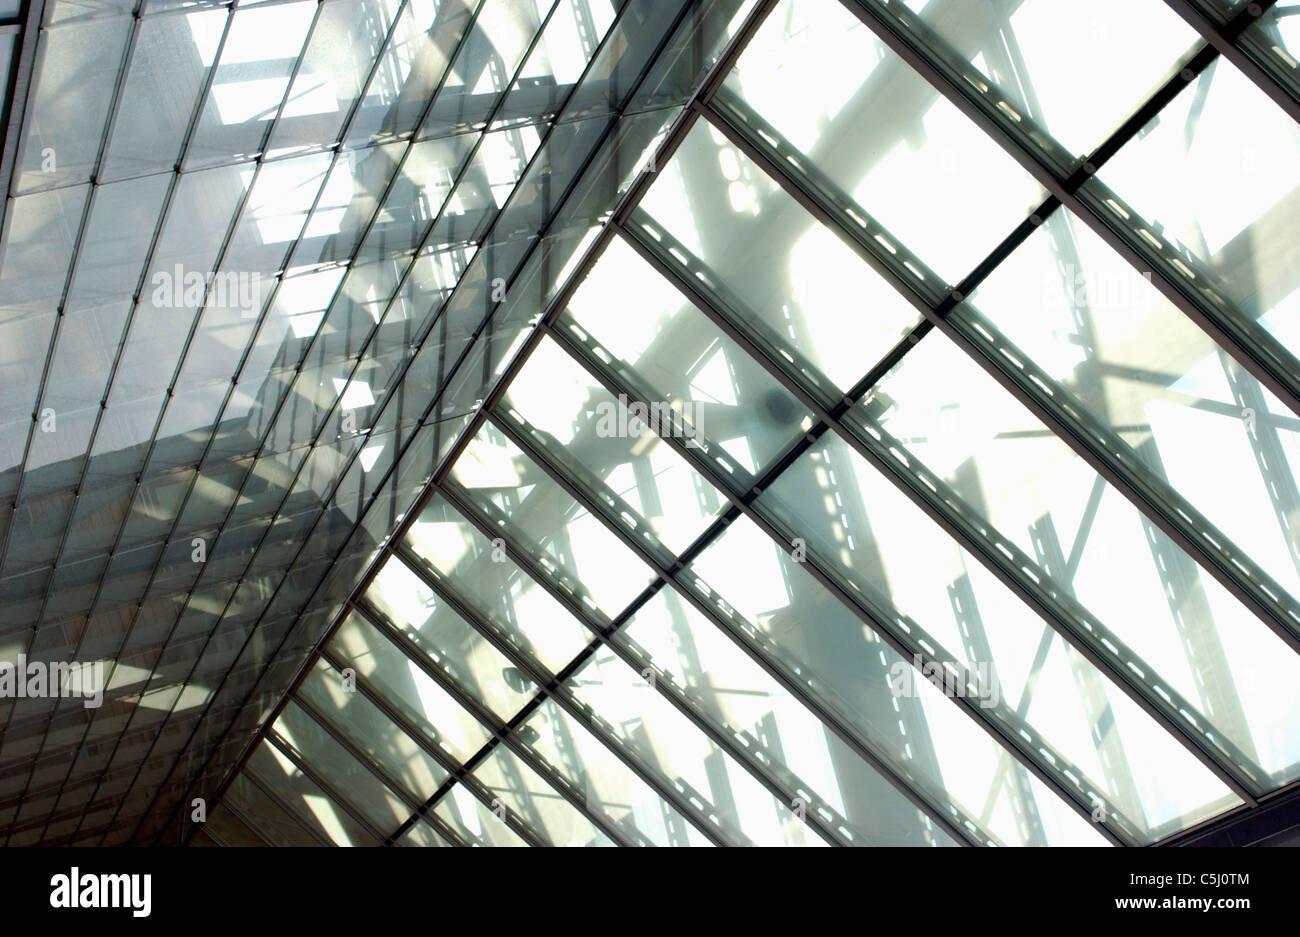 blick auf ein atrium dach aus glas und stahl stockfoto bild 37889844 alamy. Black Bedroom Furniture Sets. Home Design Ideas